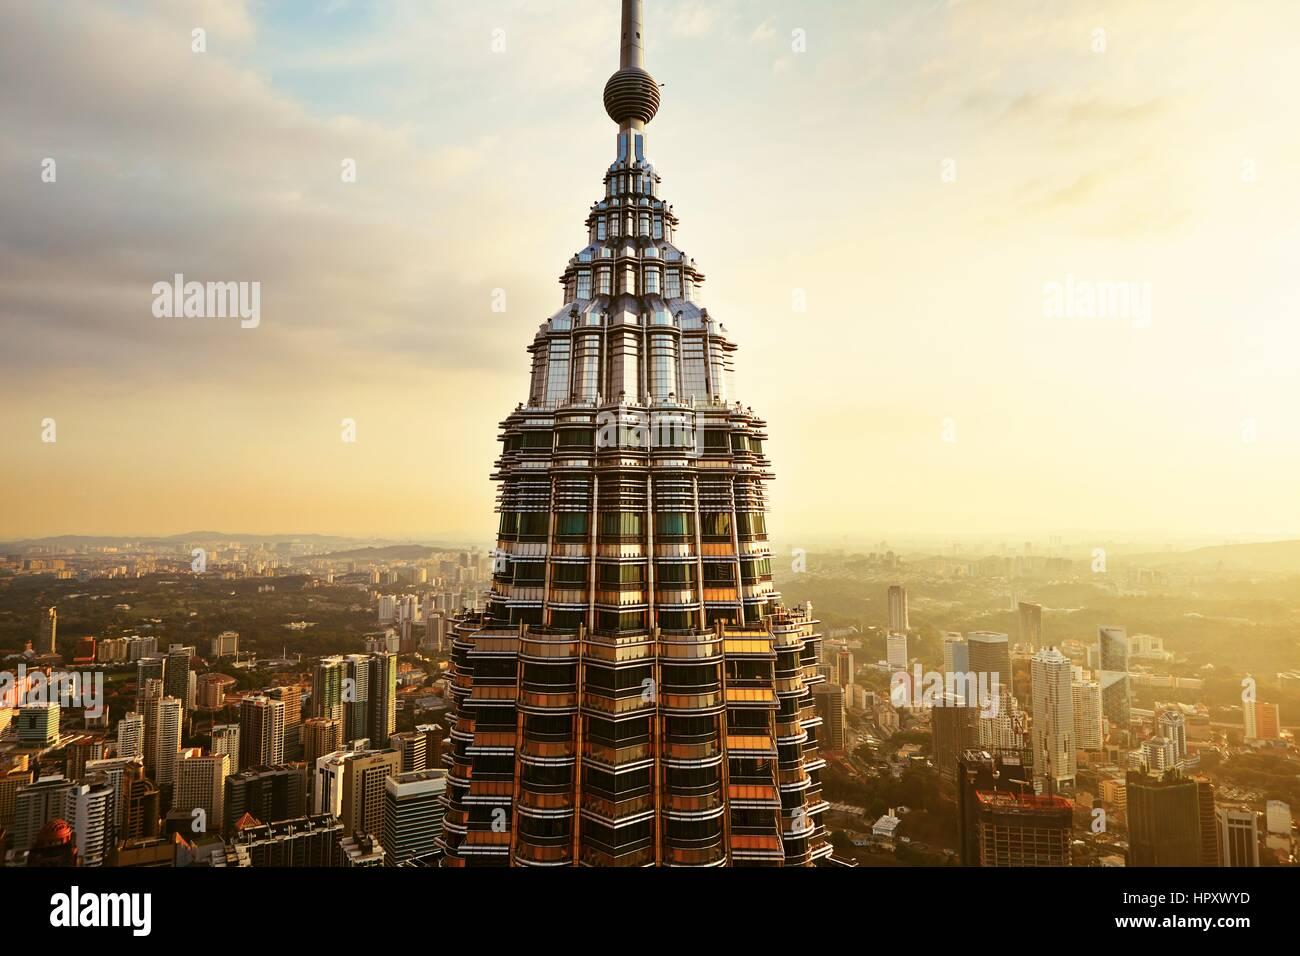 KUALA LUMPUR, MALAYSIA - APRIL 25: View from the top of Petronas Twin Towers on April 25, 2014 in Kuala Lumpur, - Stock Image